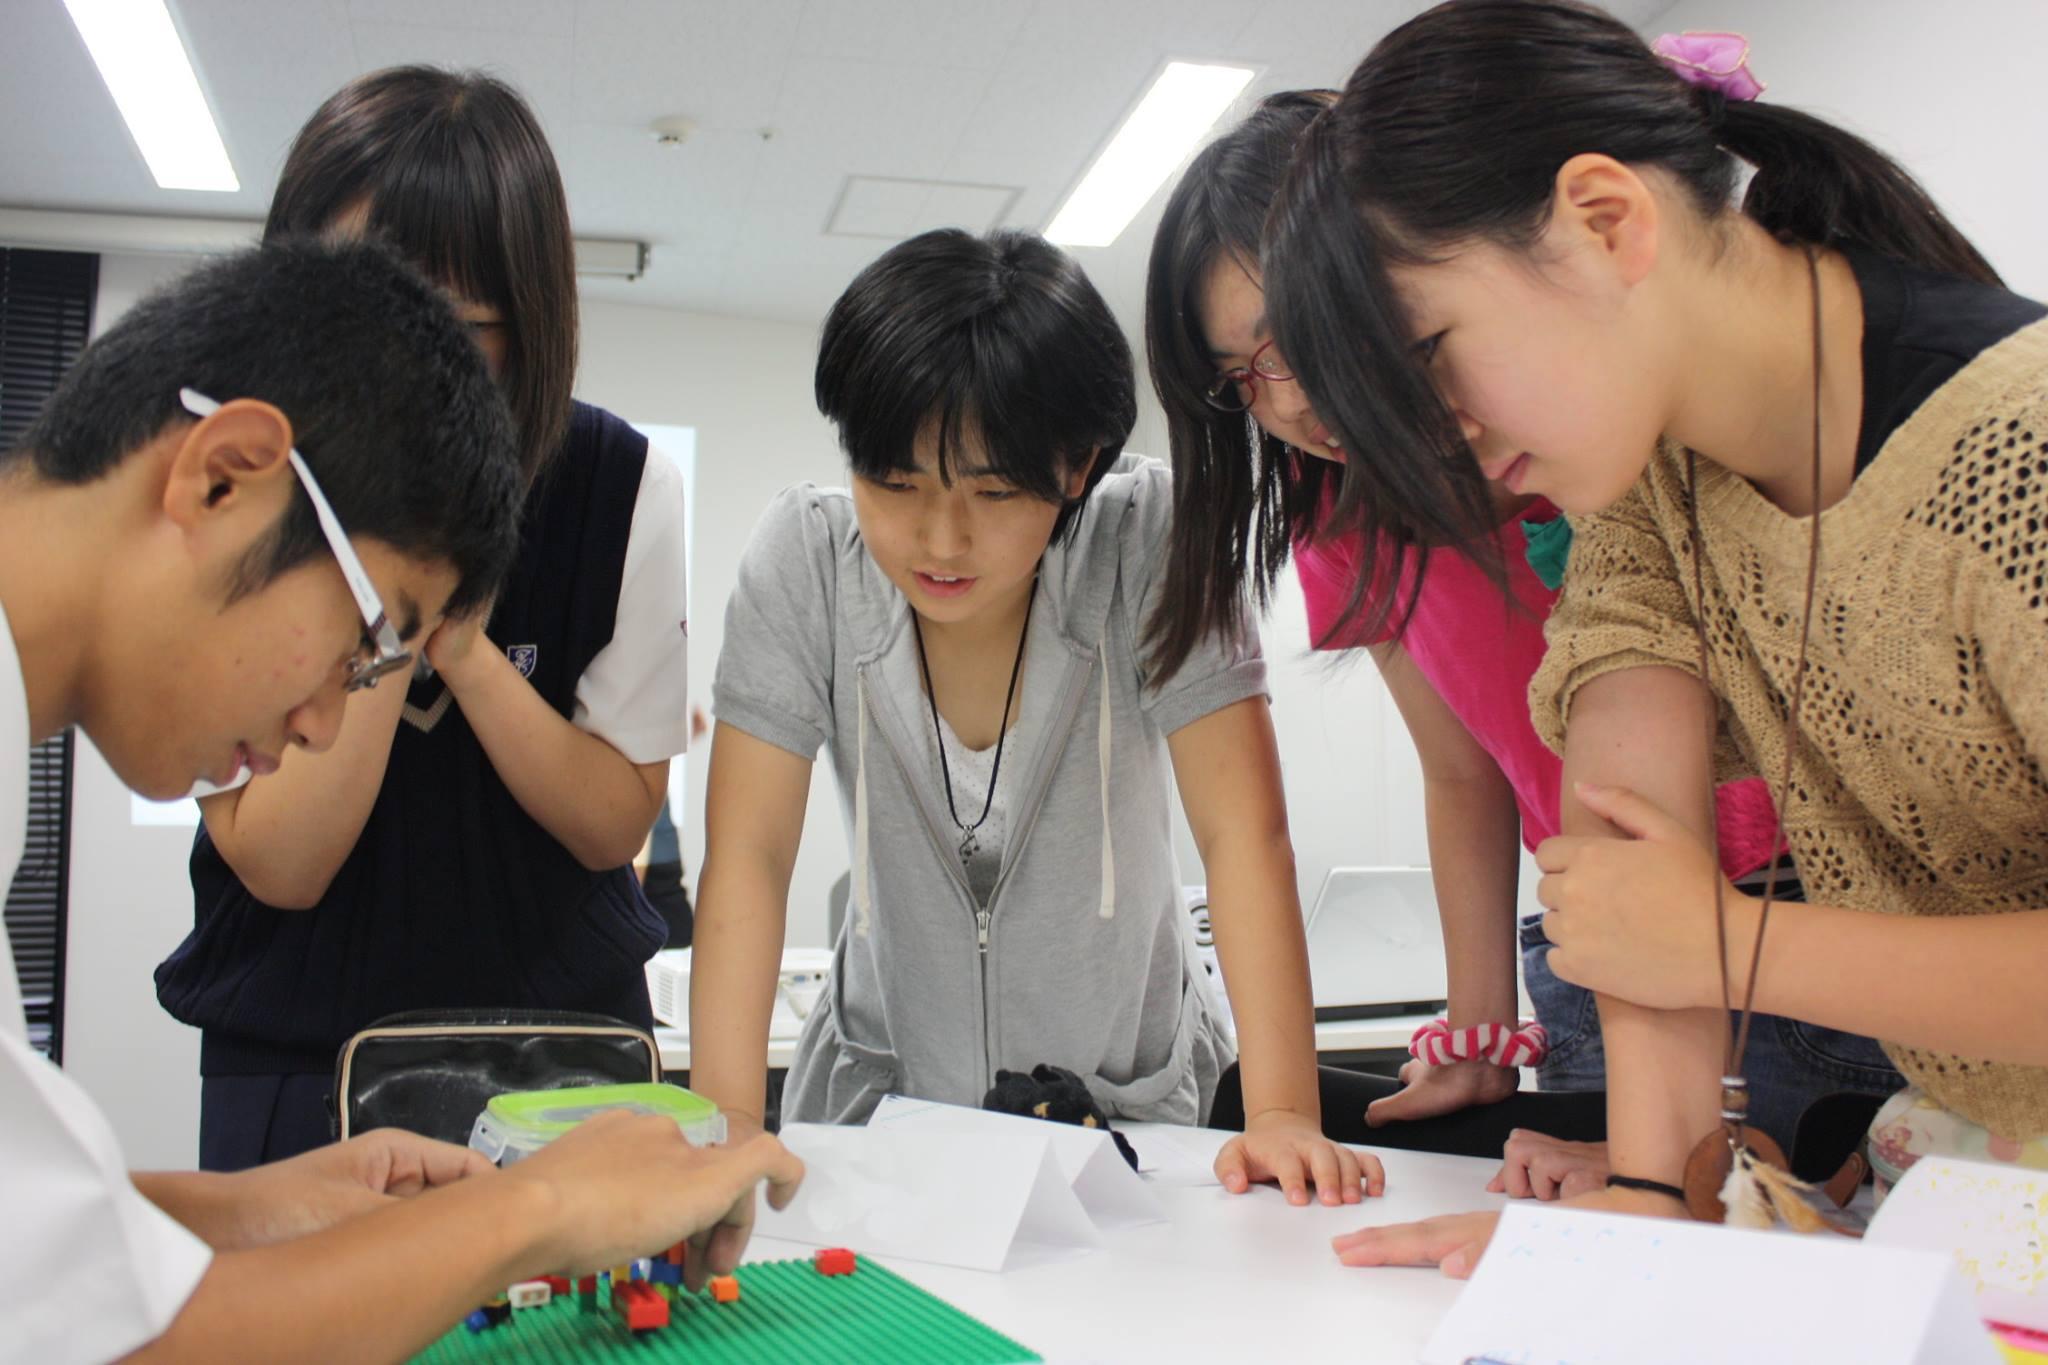 日本の若者の不安定就労問題が深刻化し続ける理由-場当たり的な「就労対策」ばかりでは未来はない